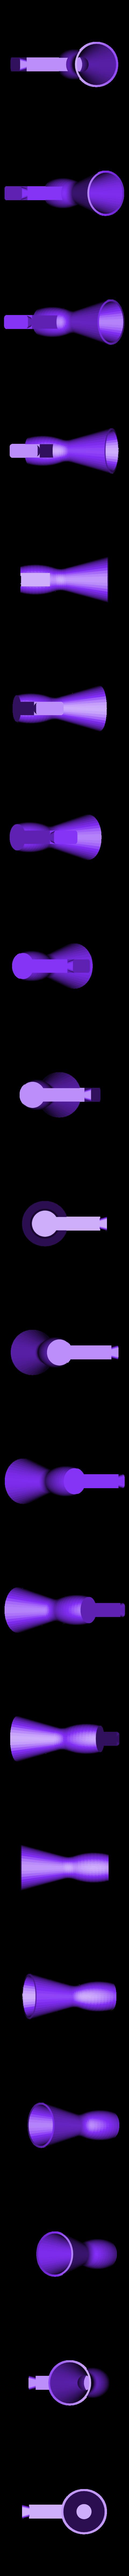 Tom_2.STL Télécharger fichier STL gratuit Mon 3D (Dream Drum Design) • Objet pour imprimante 3D, Tanleste46